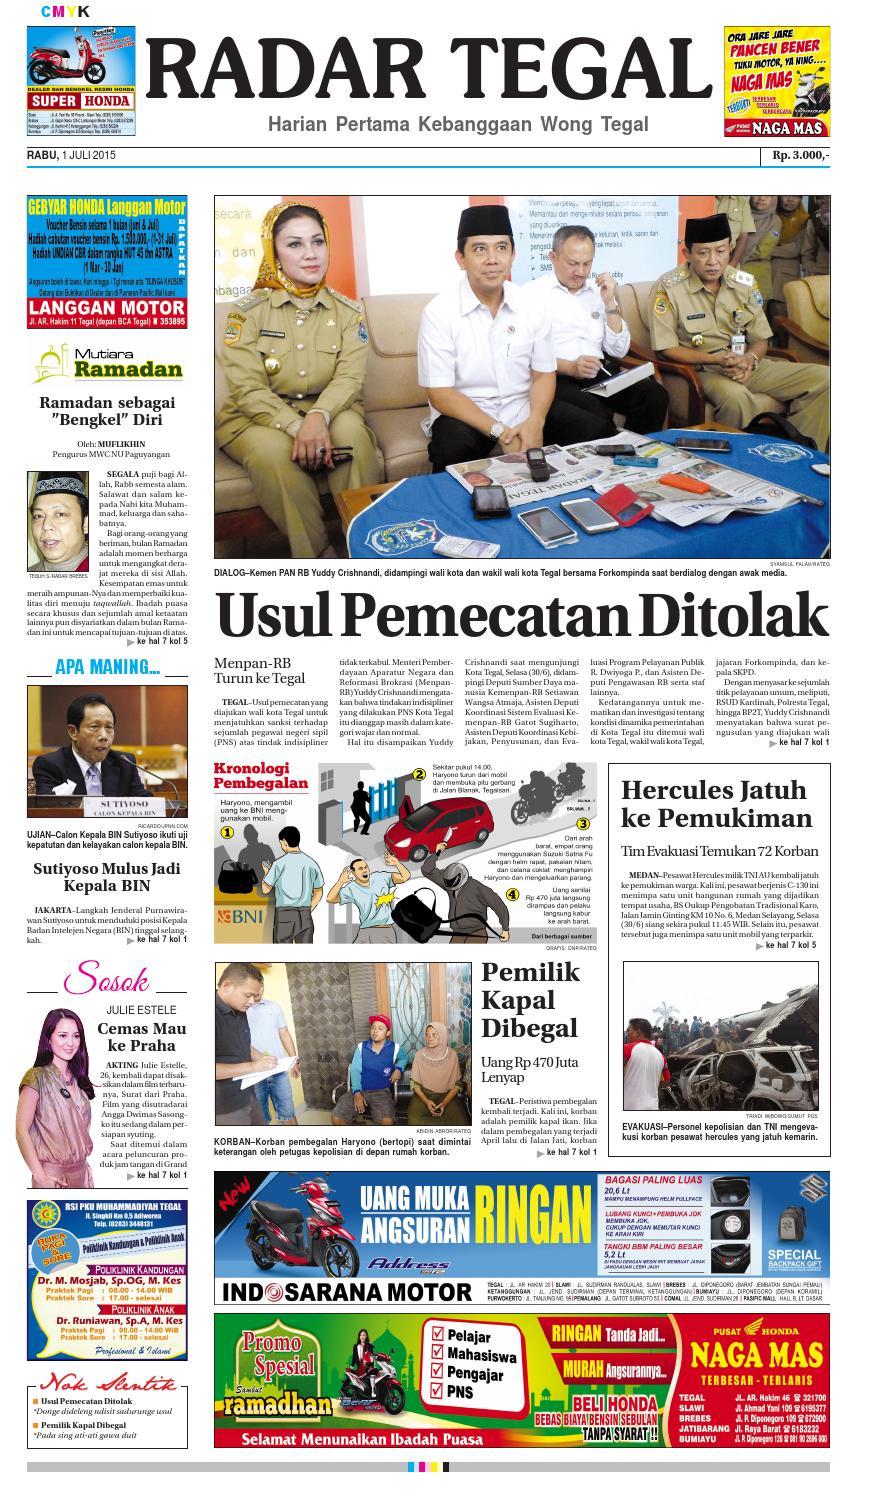 Radar Tegal 1 Juli 2015 Produk Ukm Bumn Batik Lengan Panjang Parang Toko Ngremboko